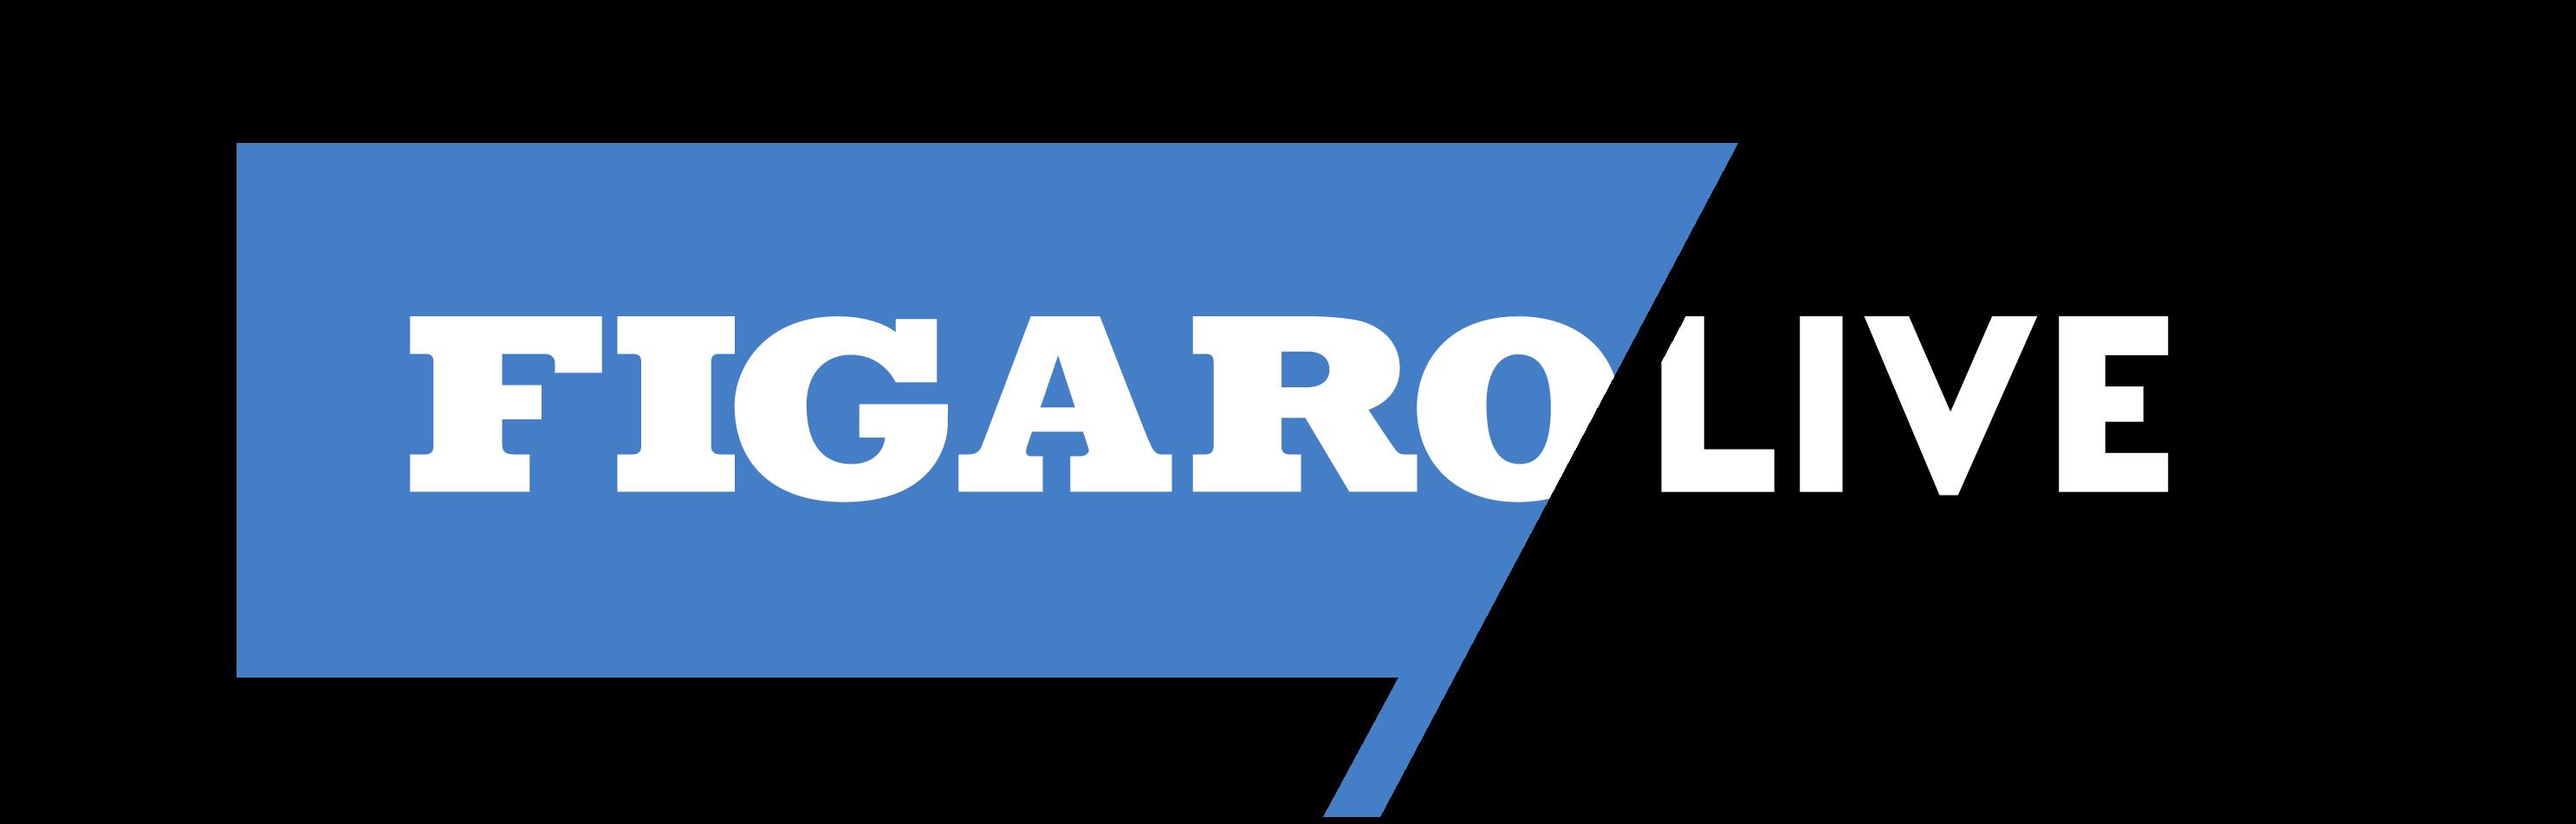 Le Figaro - Actualité en direct et informations en continu